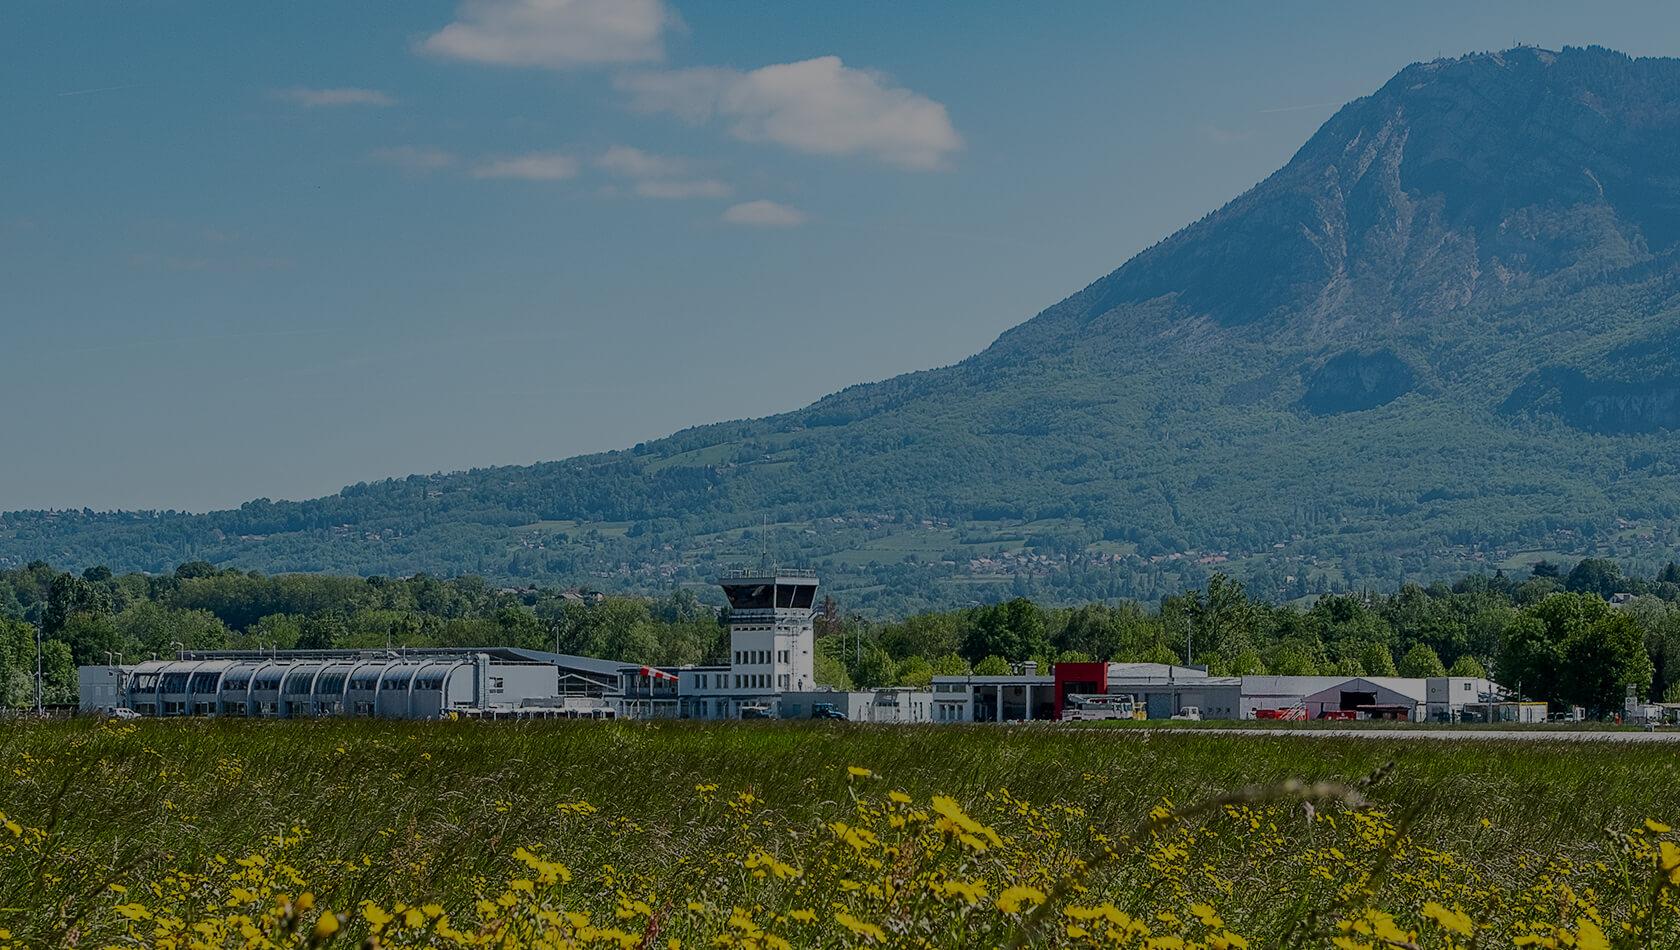 FX accompagne l'aéroport de Chambéry